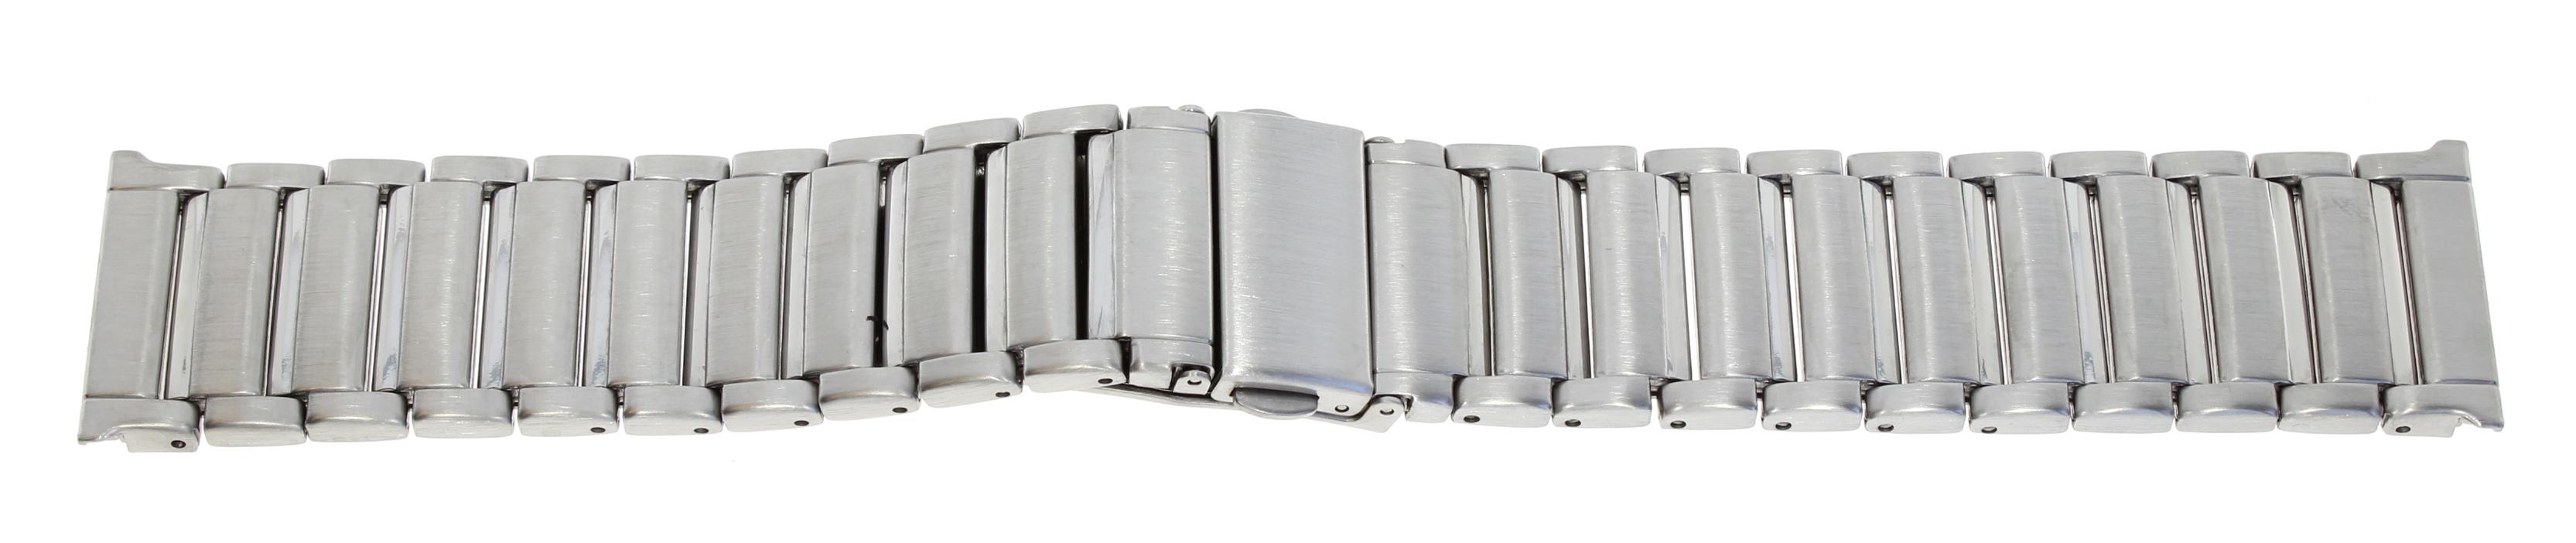 Horlogeband met vouwsluiting met druktoetsen